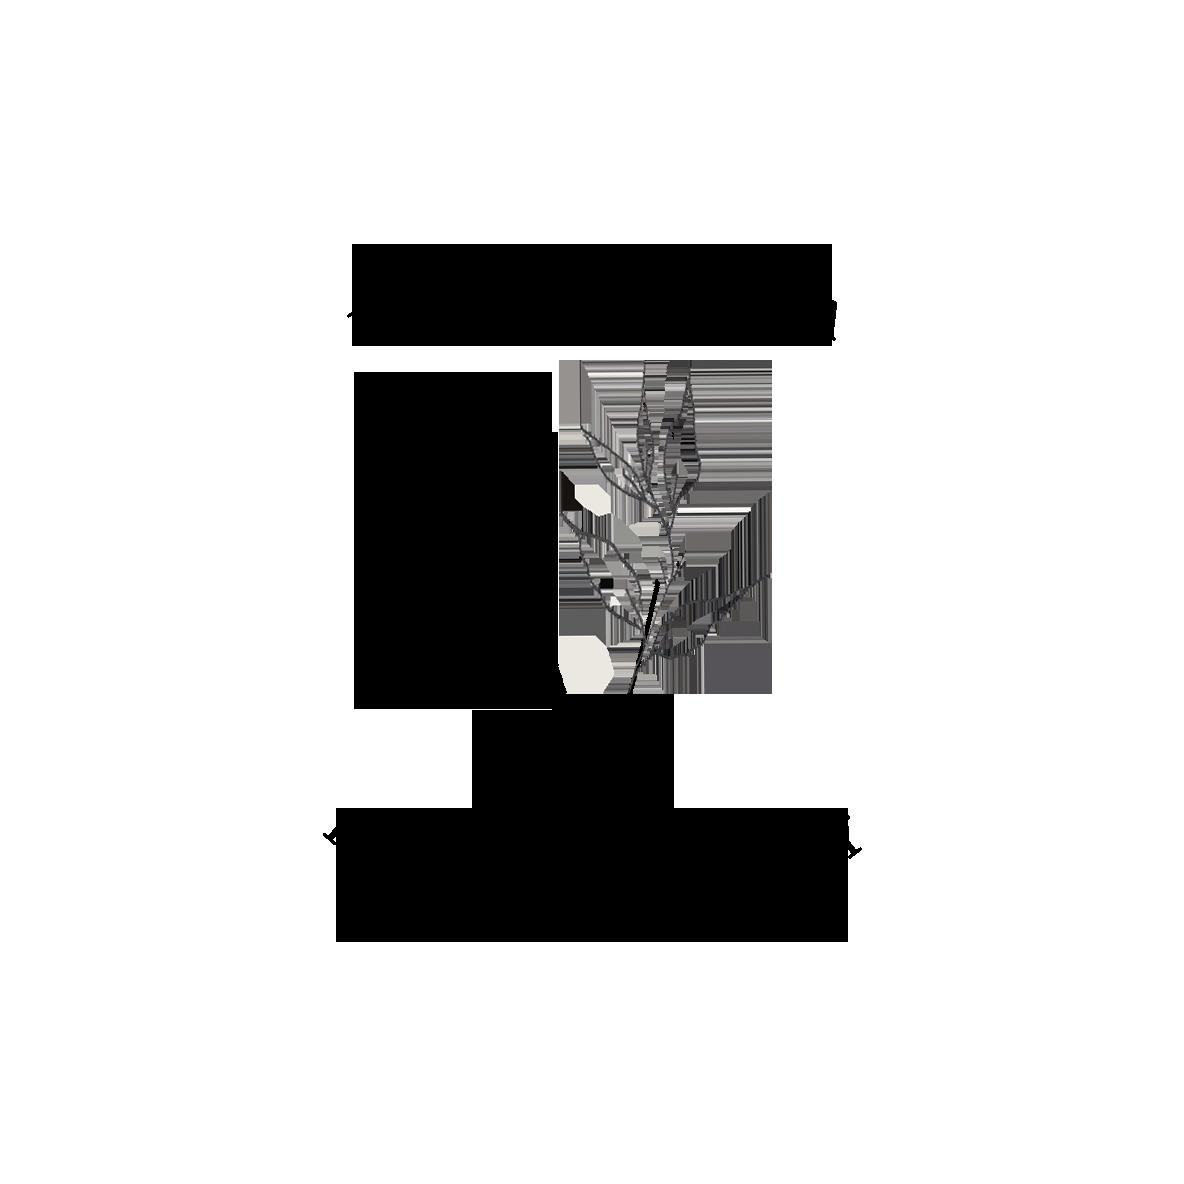 eunice vesa logo 2019 black square.png